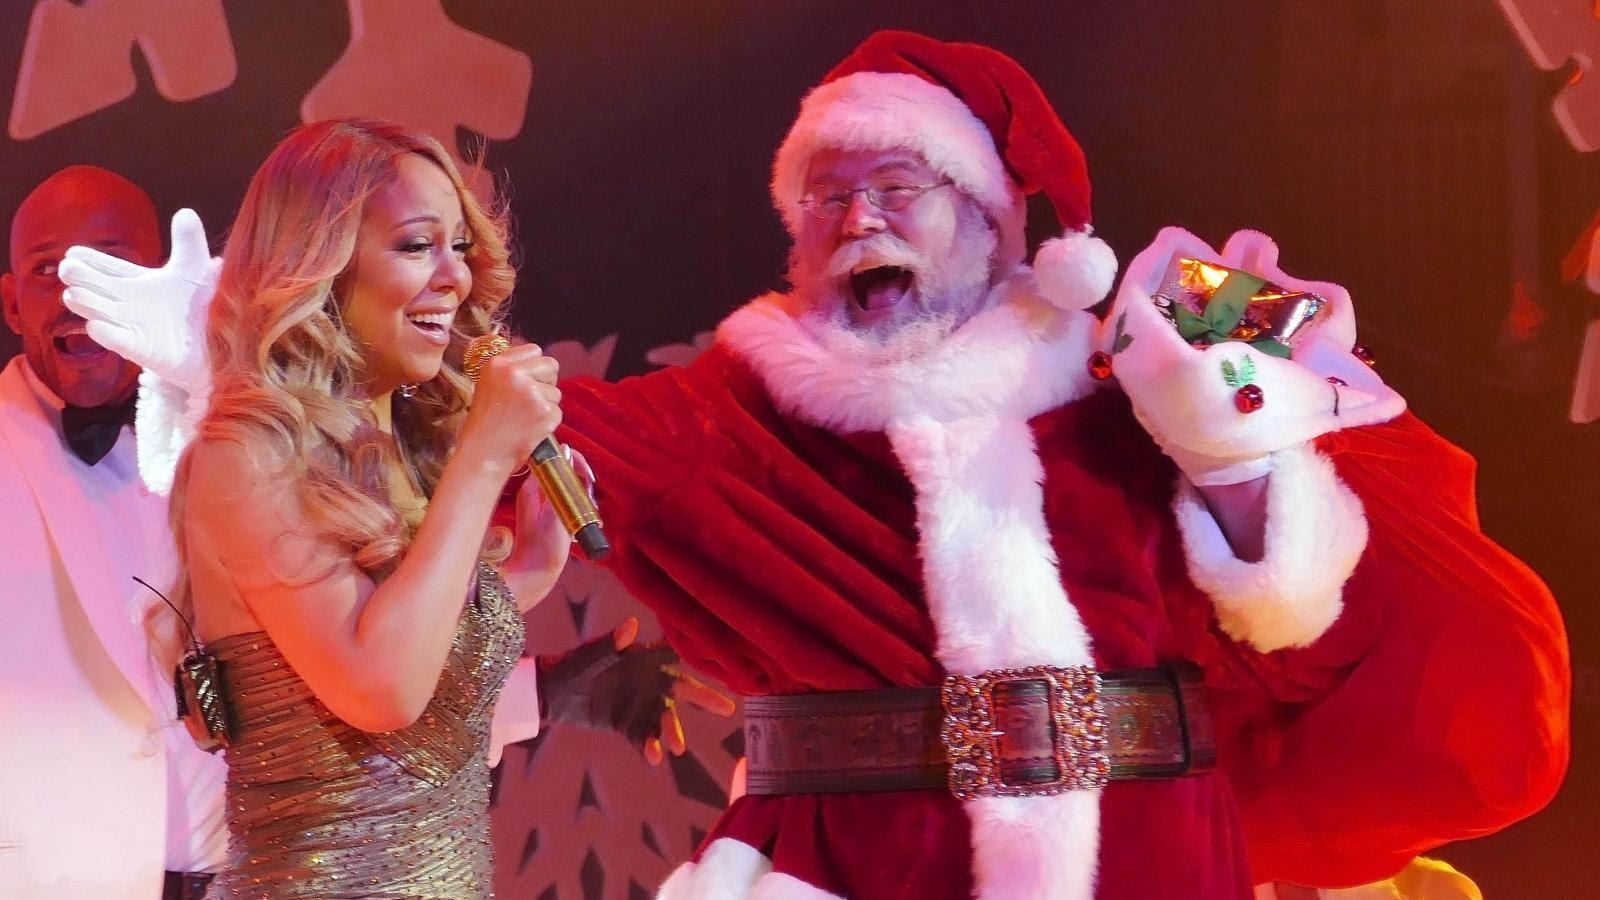 Se tem natal, tem Mariah, All I Want For Christmas Is You chega ao top 3 da Hot 100